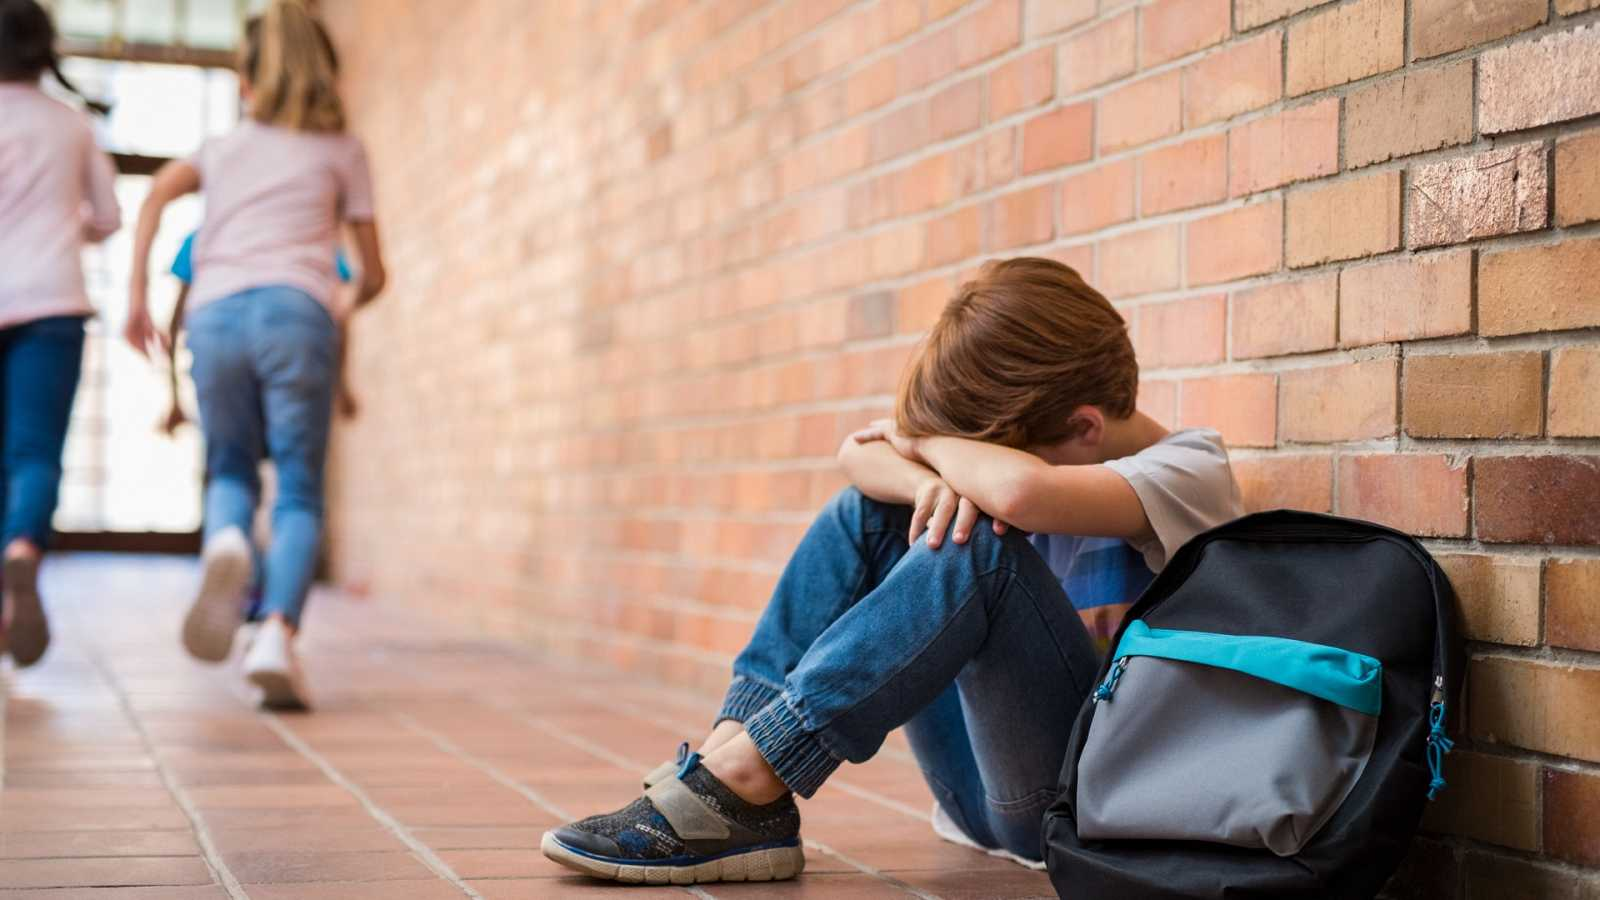 Memoria de delfín - Acoso escolar: retrato de víctima y agresor - 02/05/20 - escuchar ahora